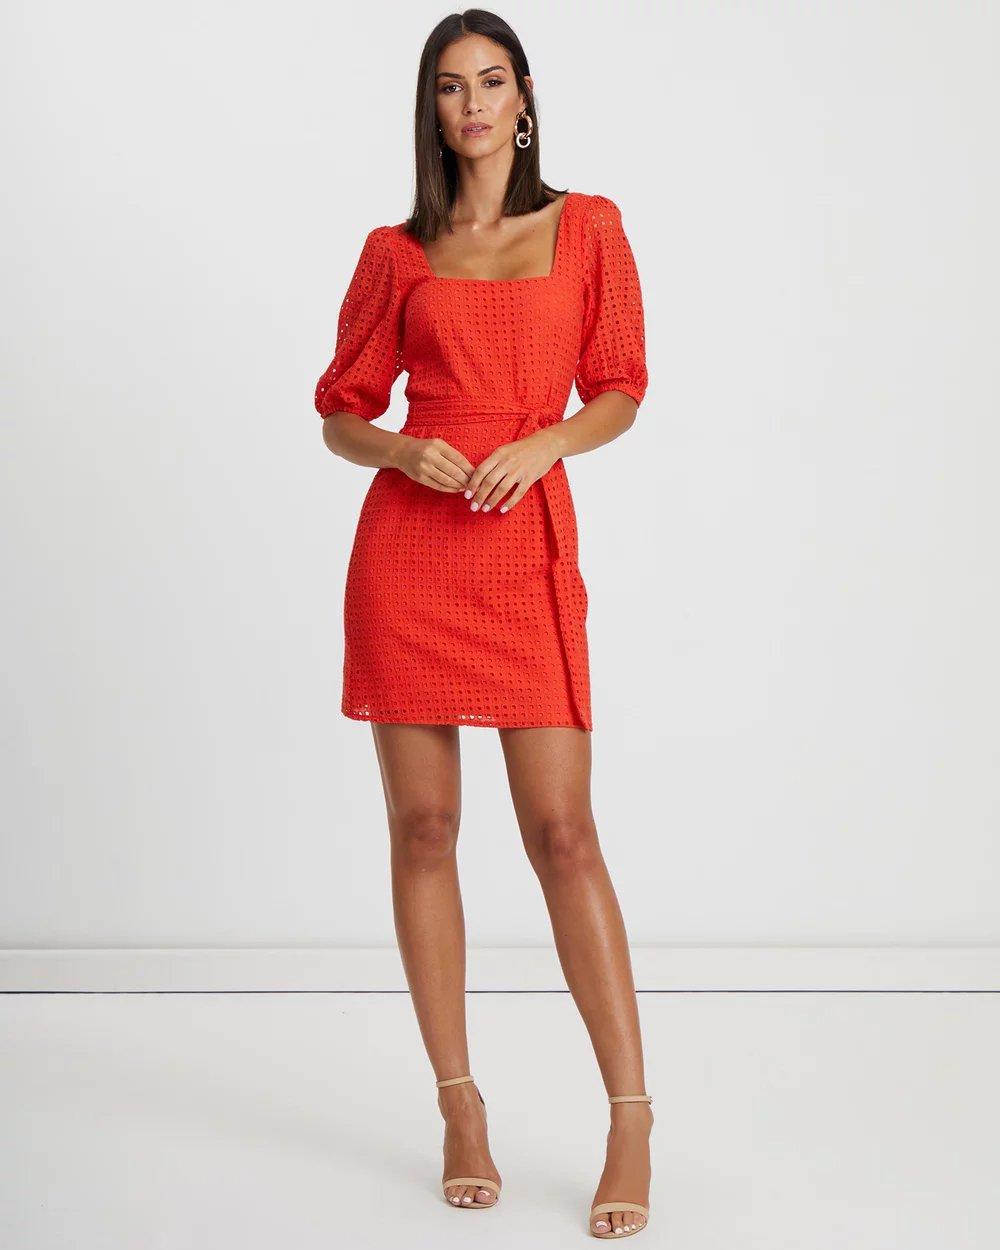 b1052ea575c0802 С чем носить коралловое платье фото 62 модных образа